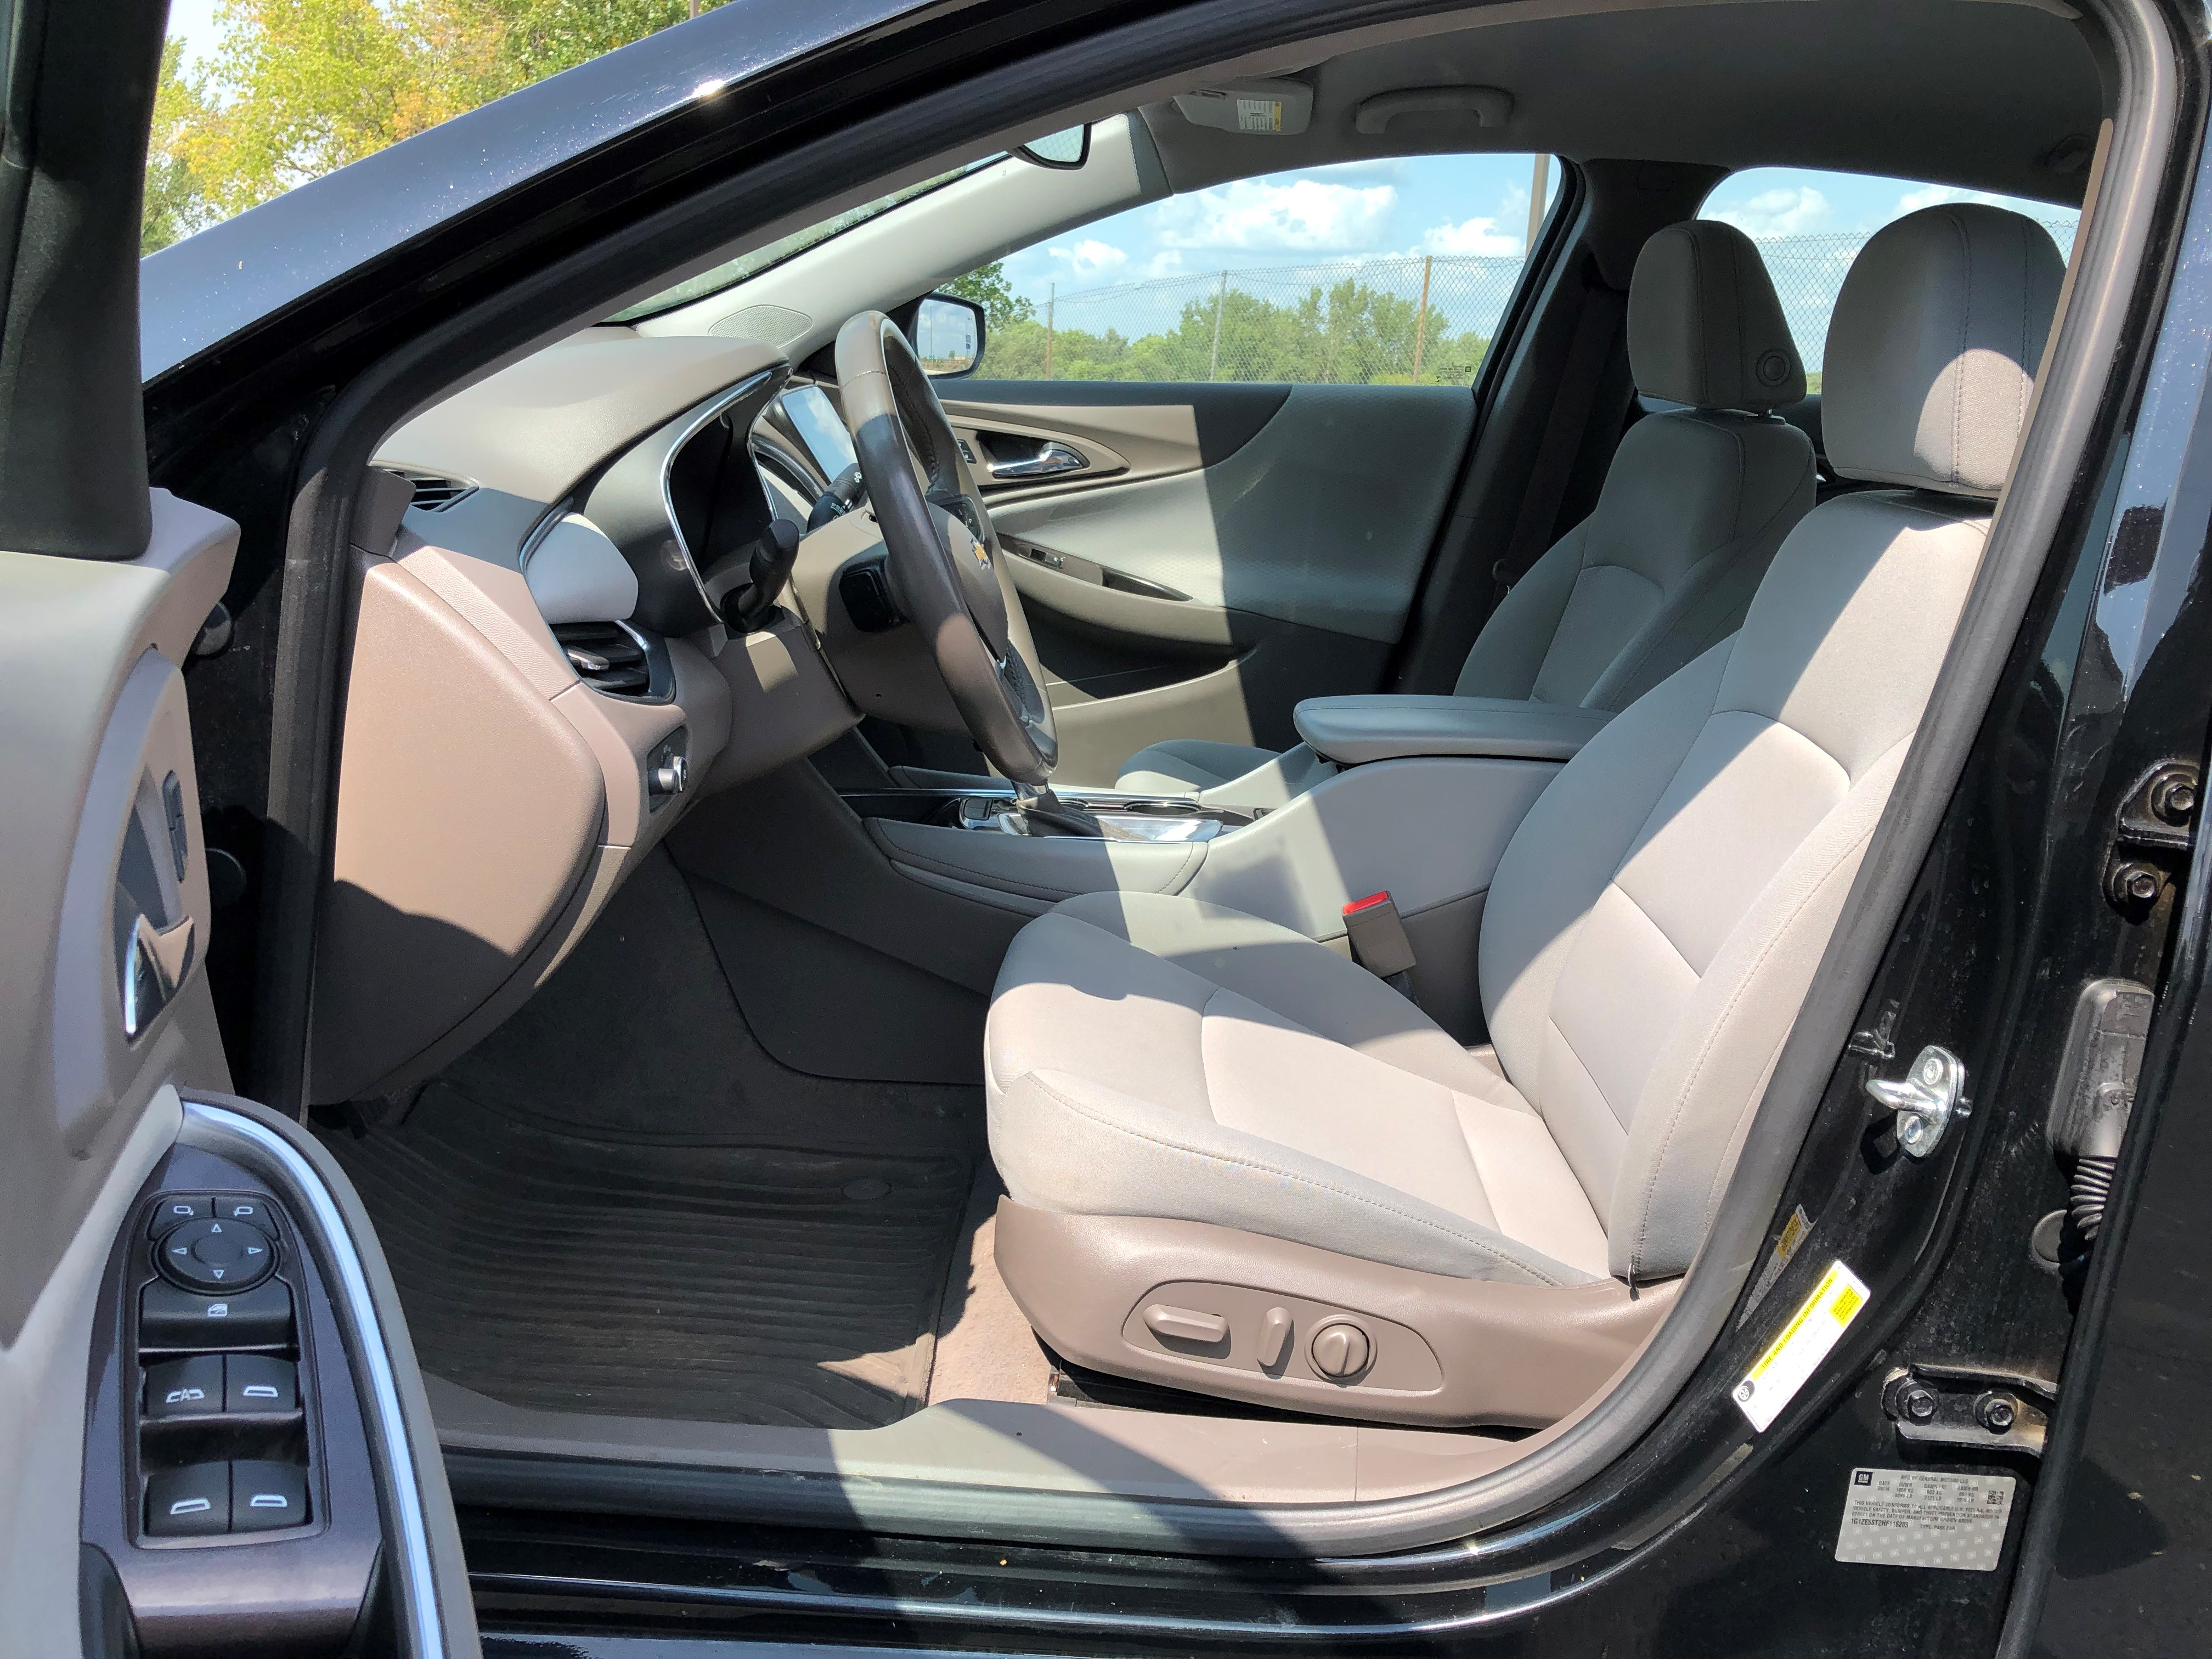 used vehicle - Sedan CHEVROLET MALIBU 2017